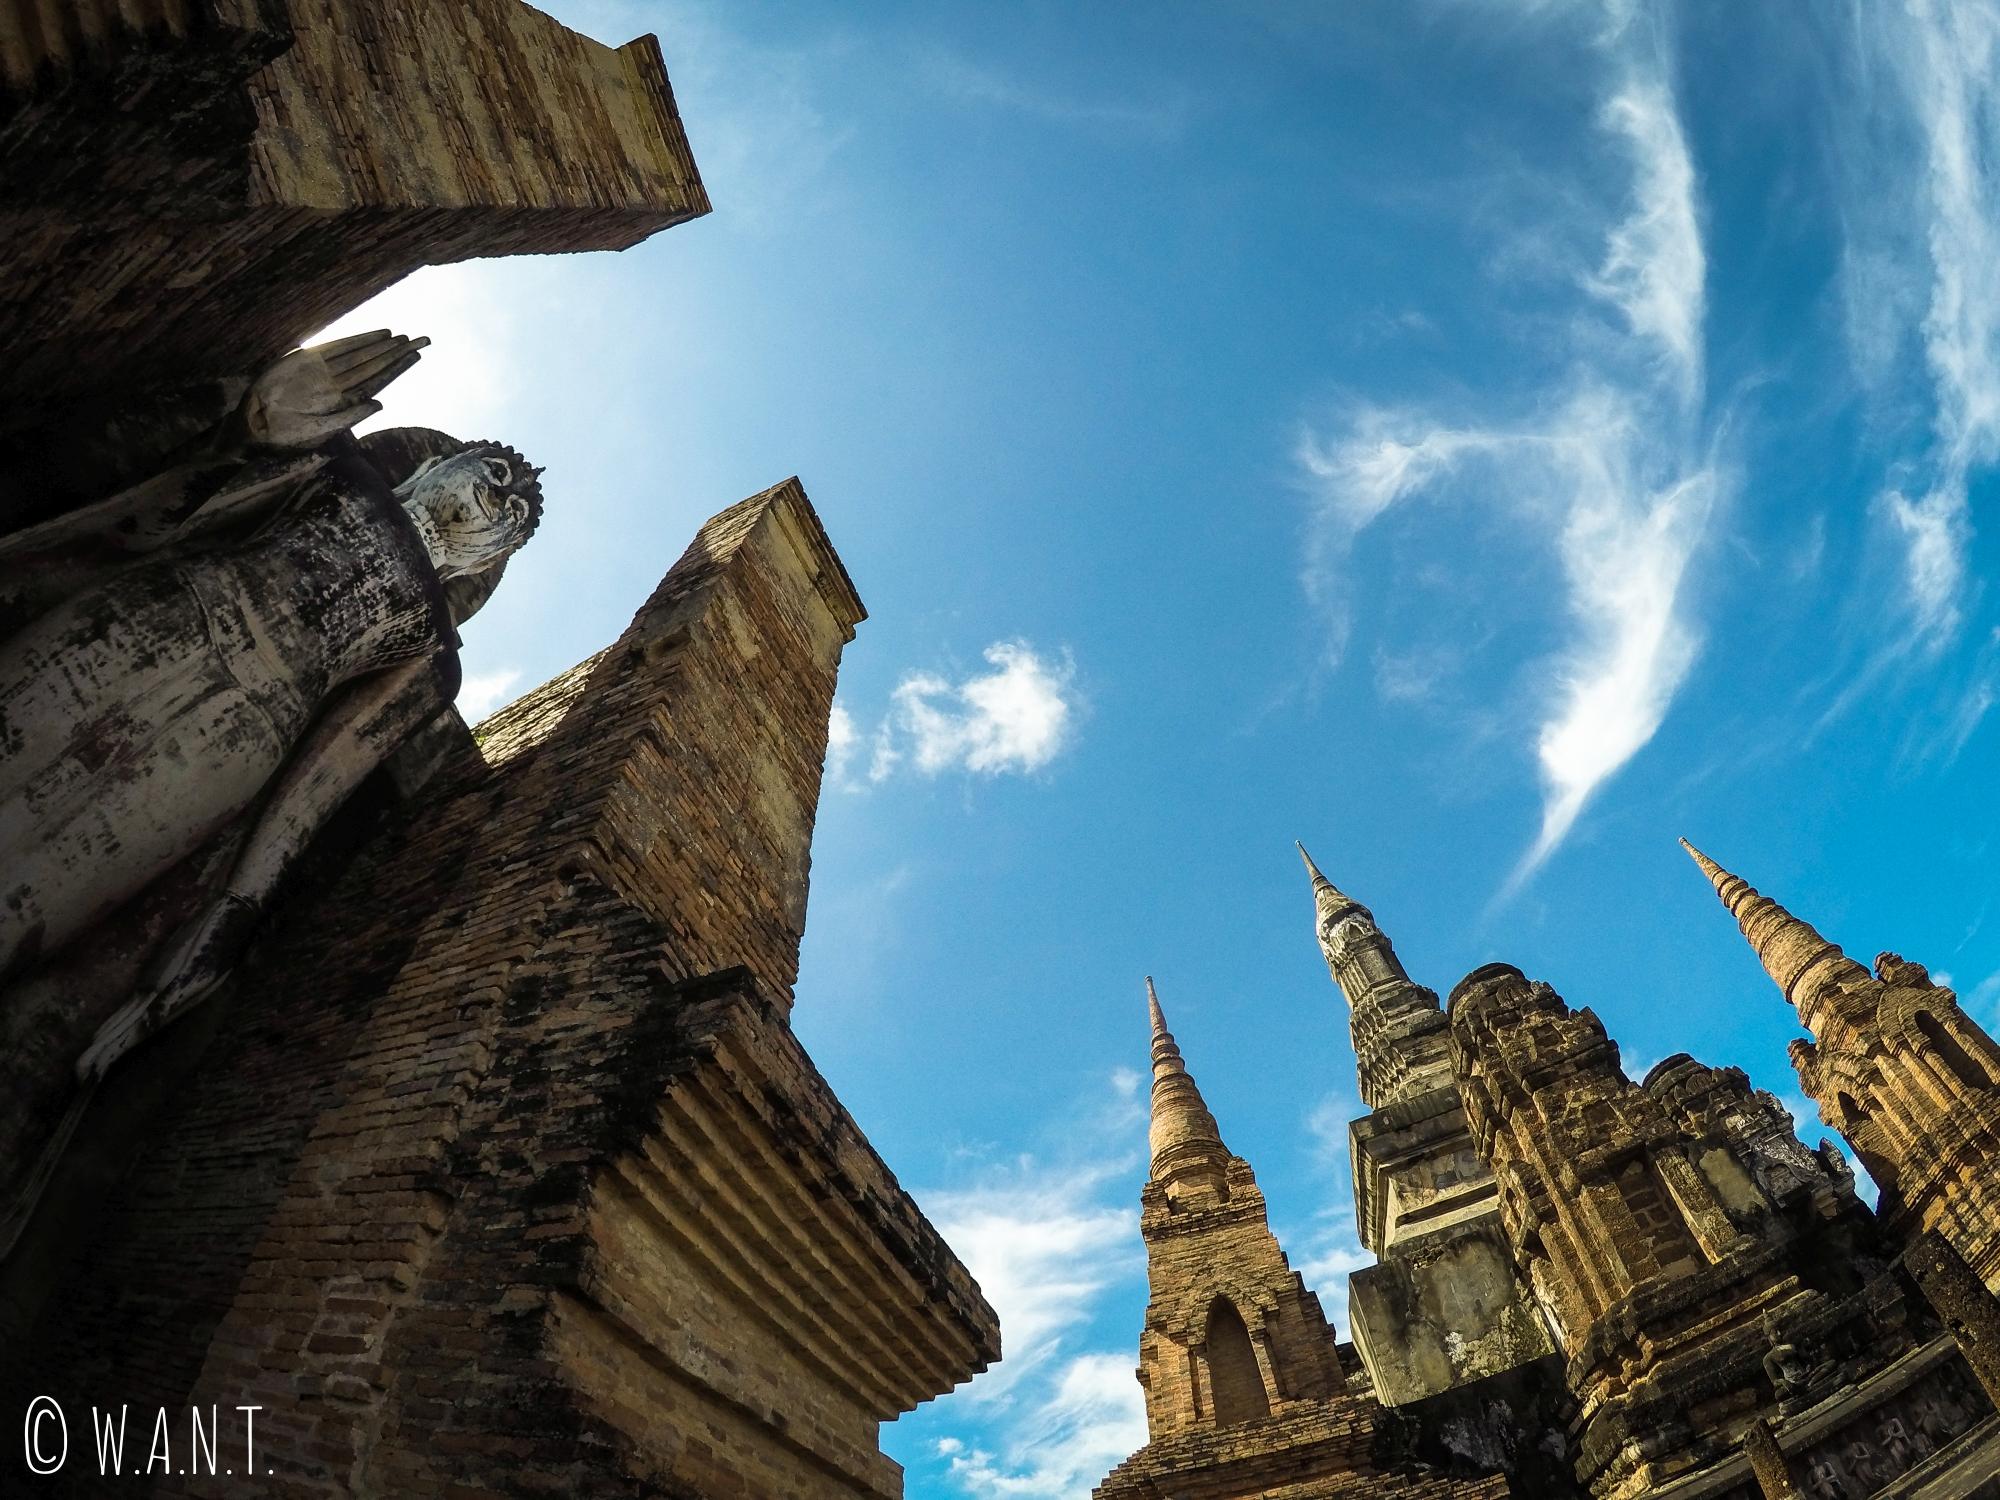 Vue en contre-plongée au Wat Mahathat de Sukhothai